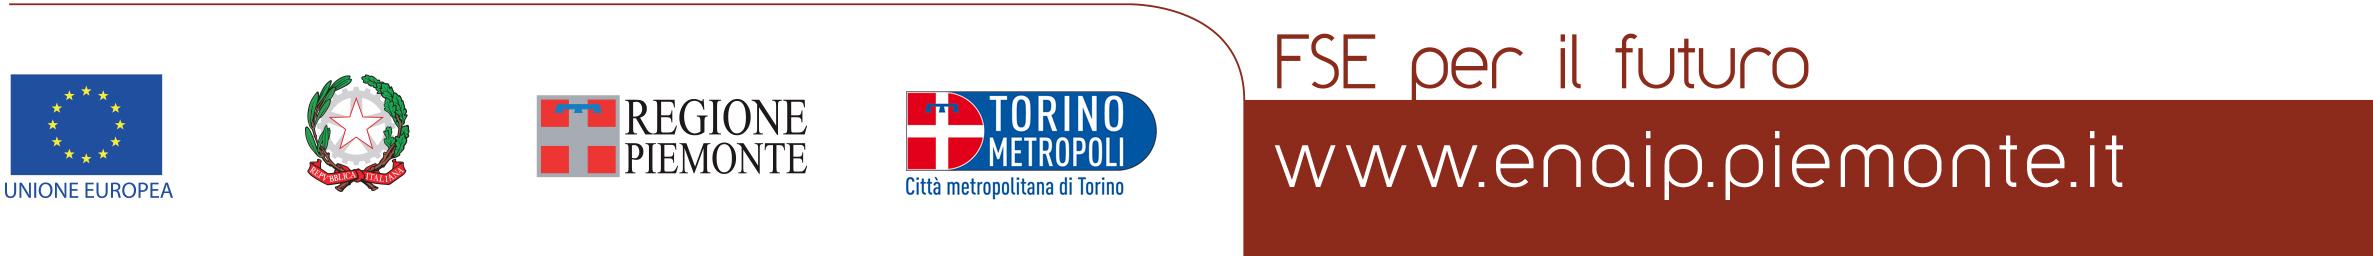 Logo FSE footer